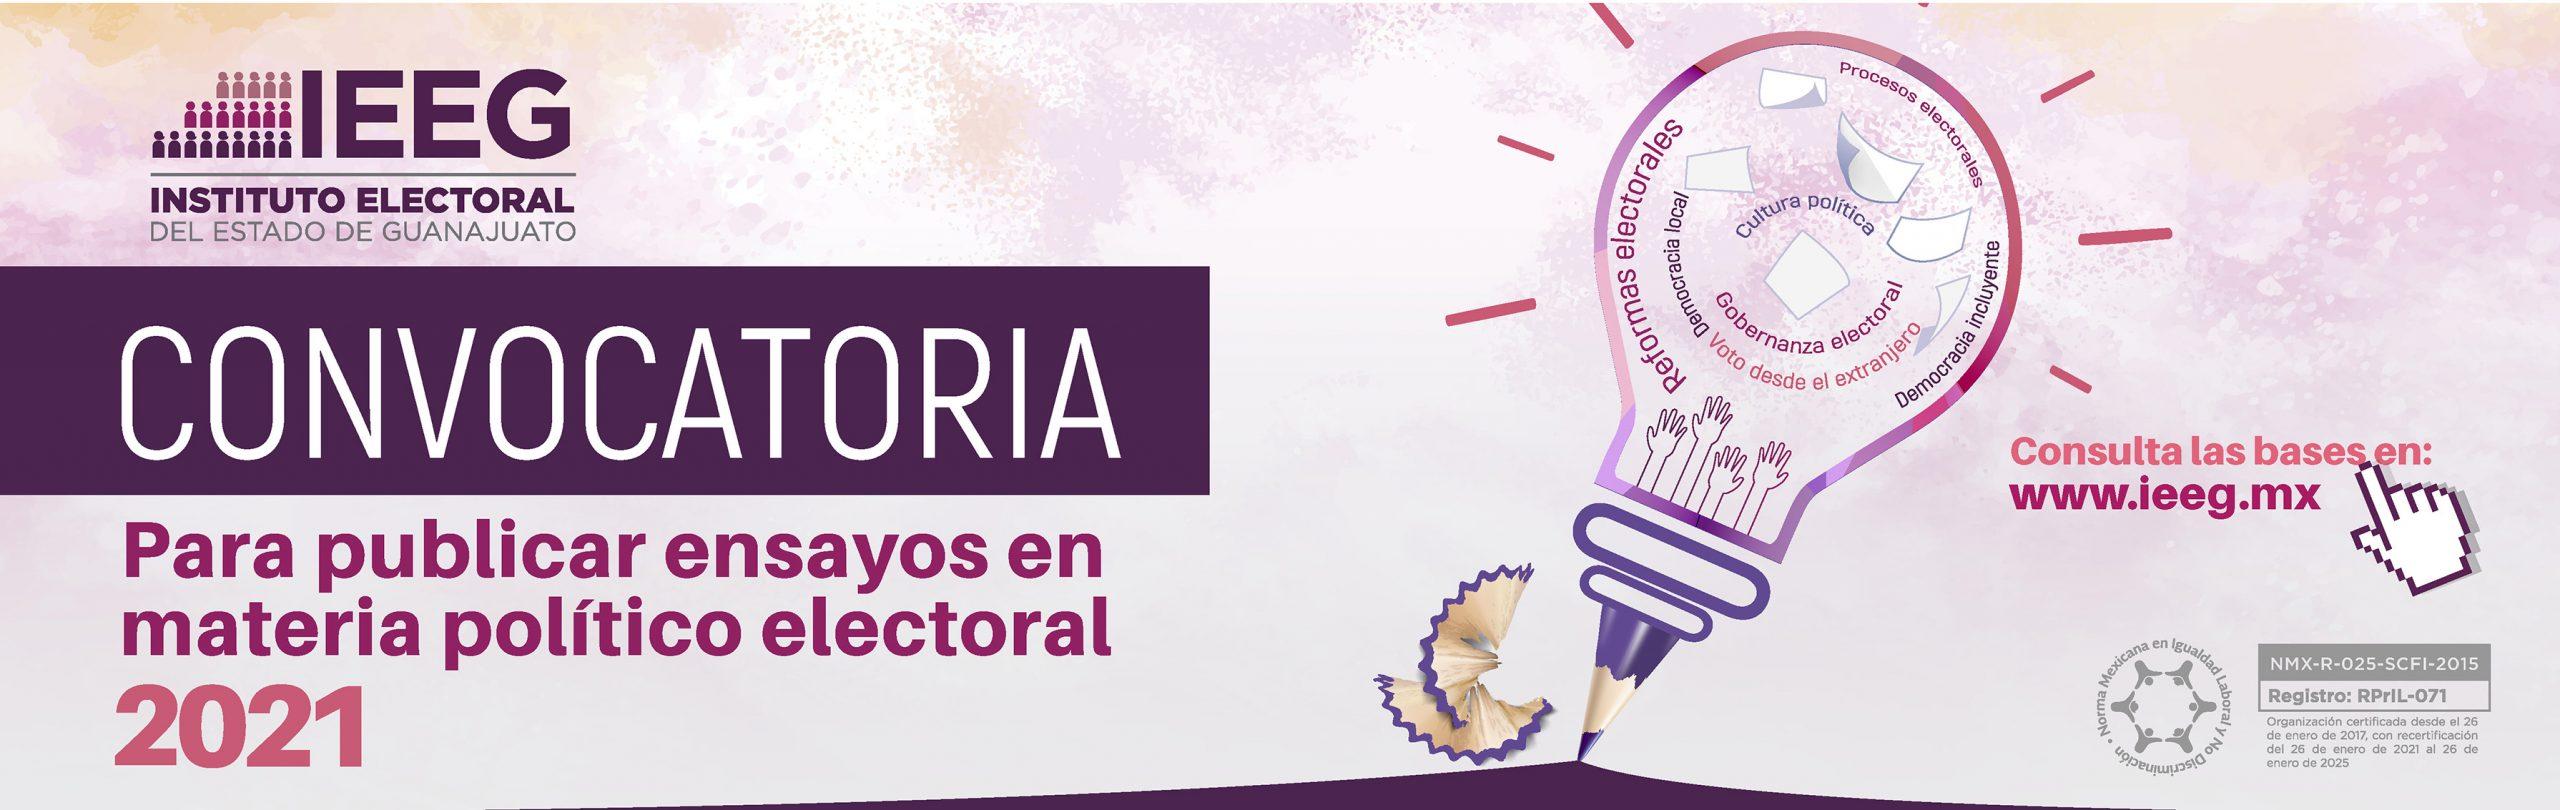 Convocatoria para publicar ensayos en materia político electoral 2021